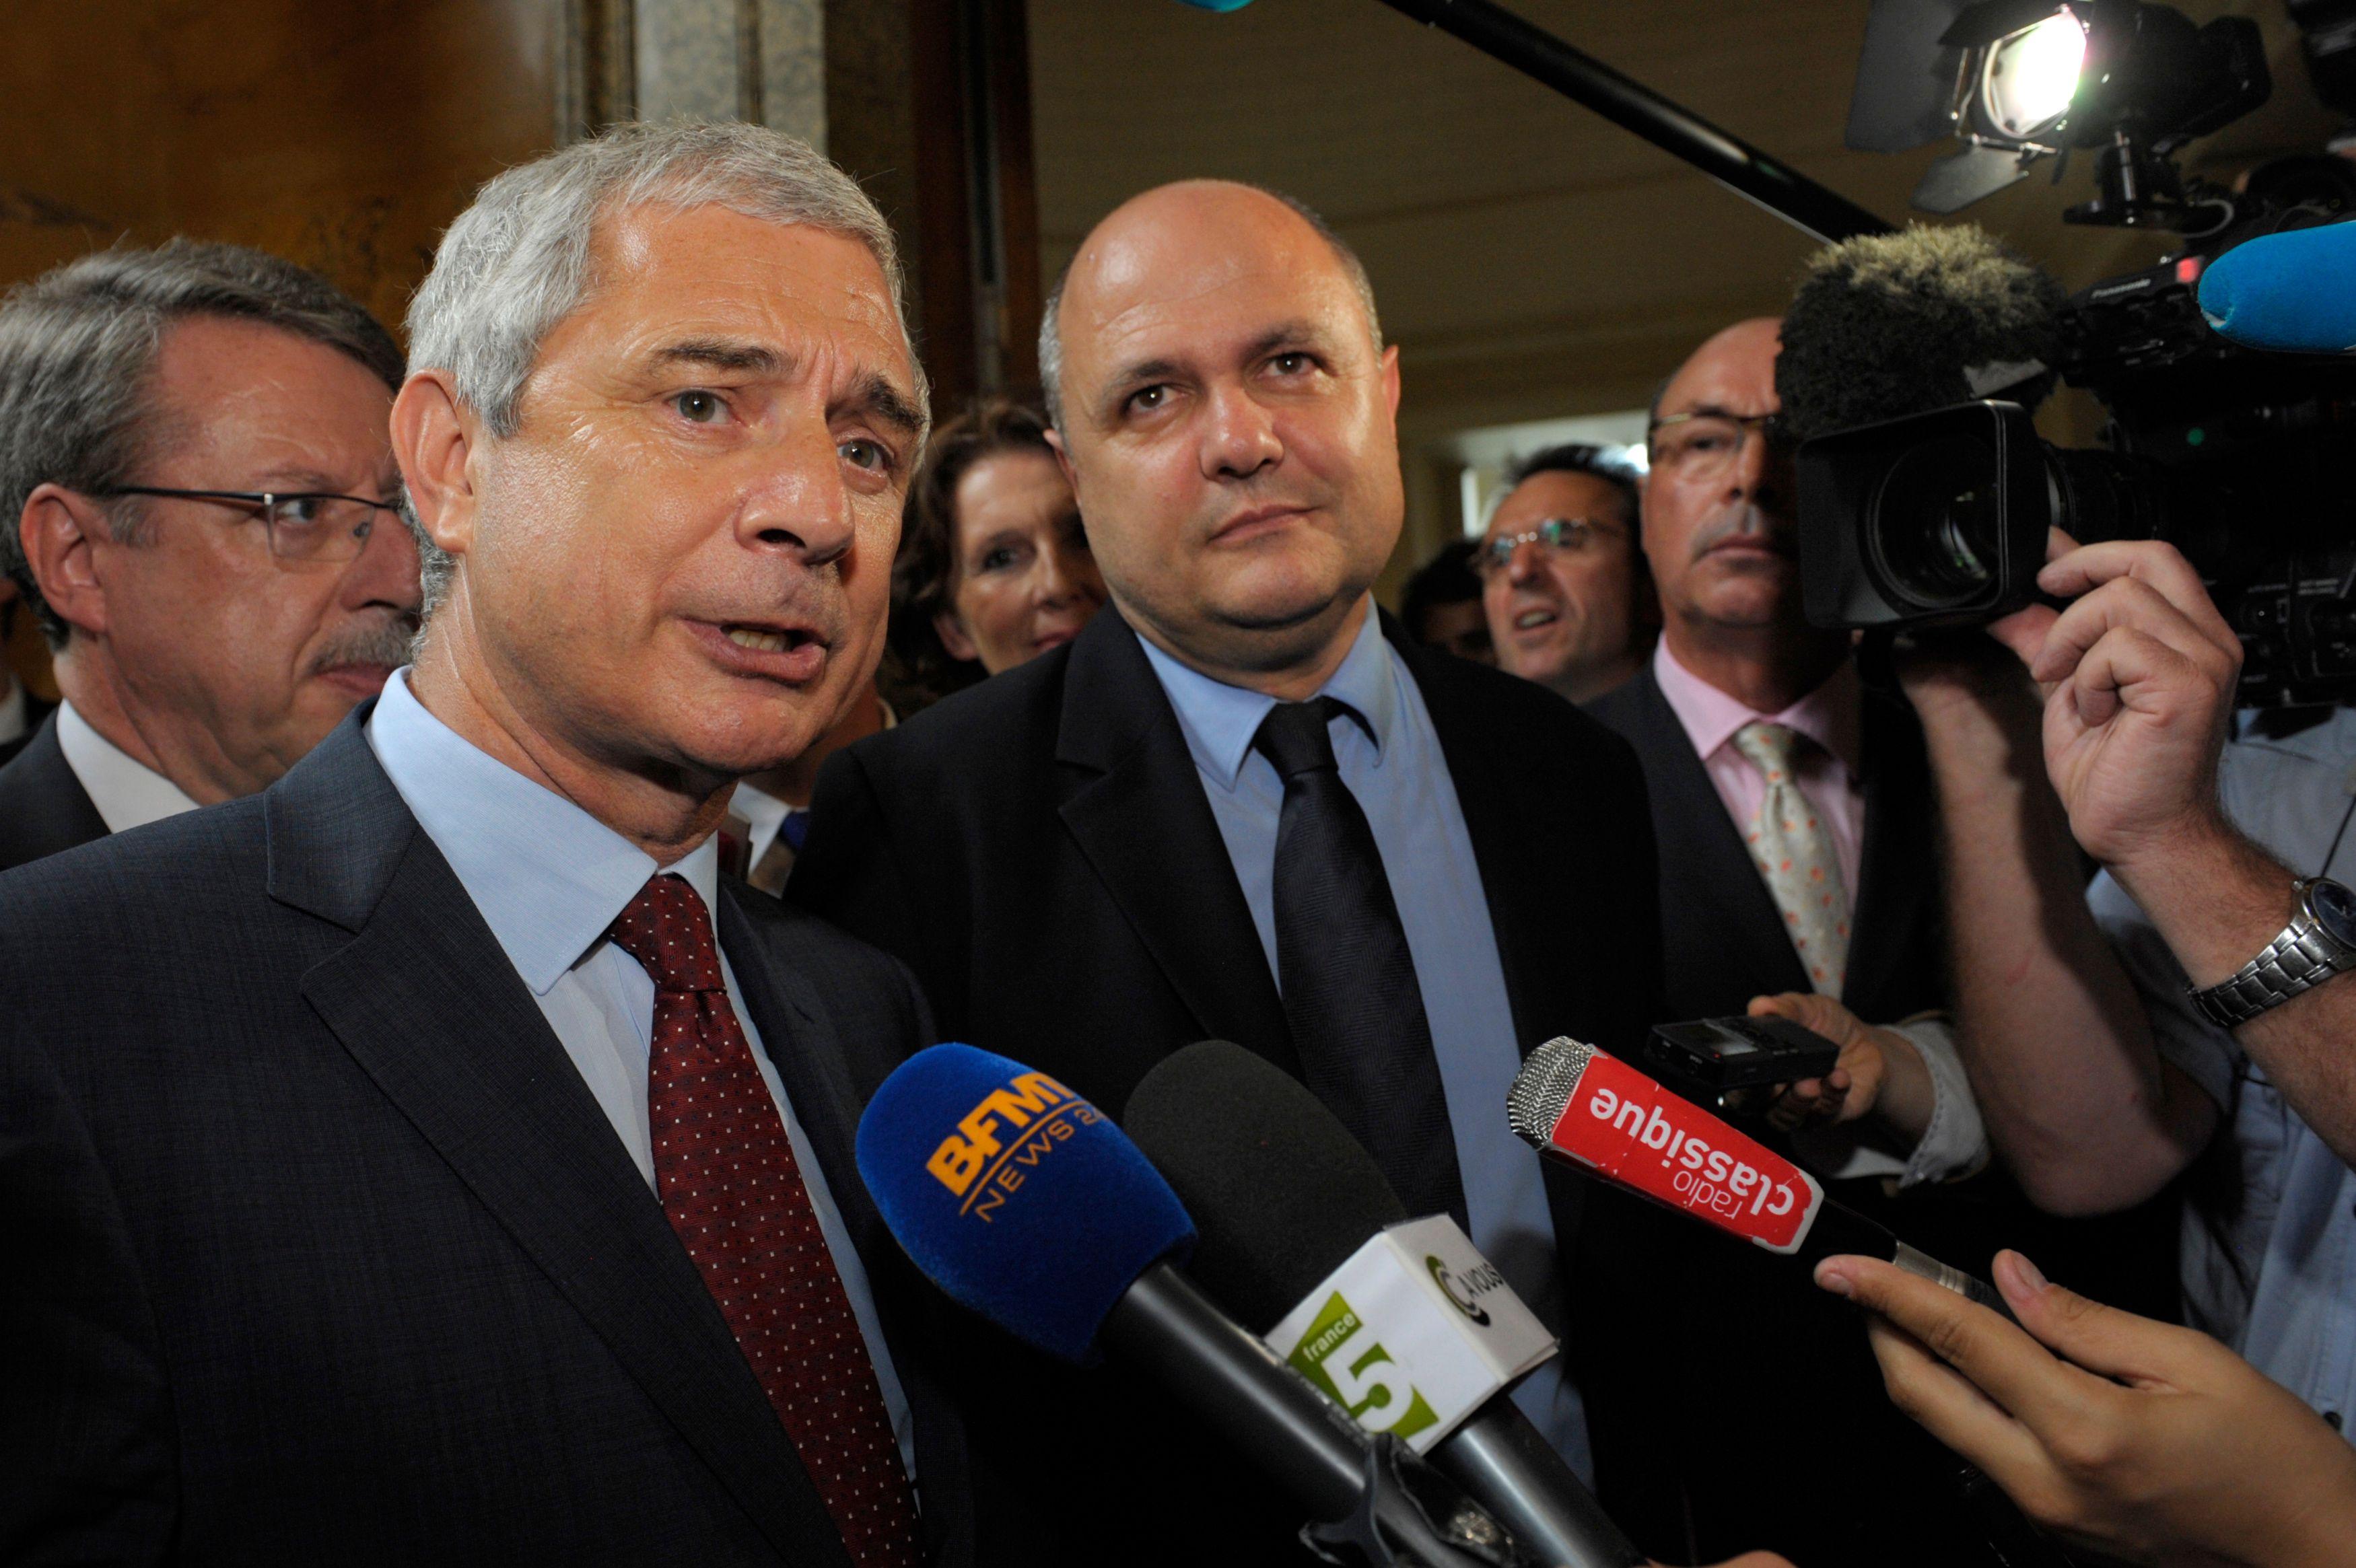 Le président du groupe socialiste à l'Assemblée nationale, Bruno Le Roux, a reconnu que 3 ou 4 députés socialistes pourraient ne pas voter la loi sur la mariage gay.